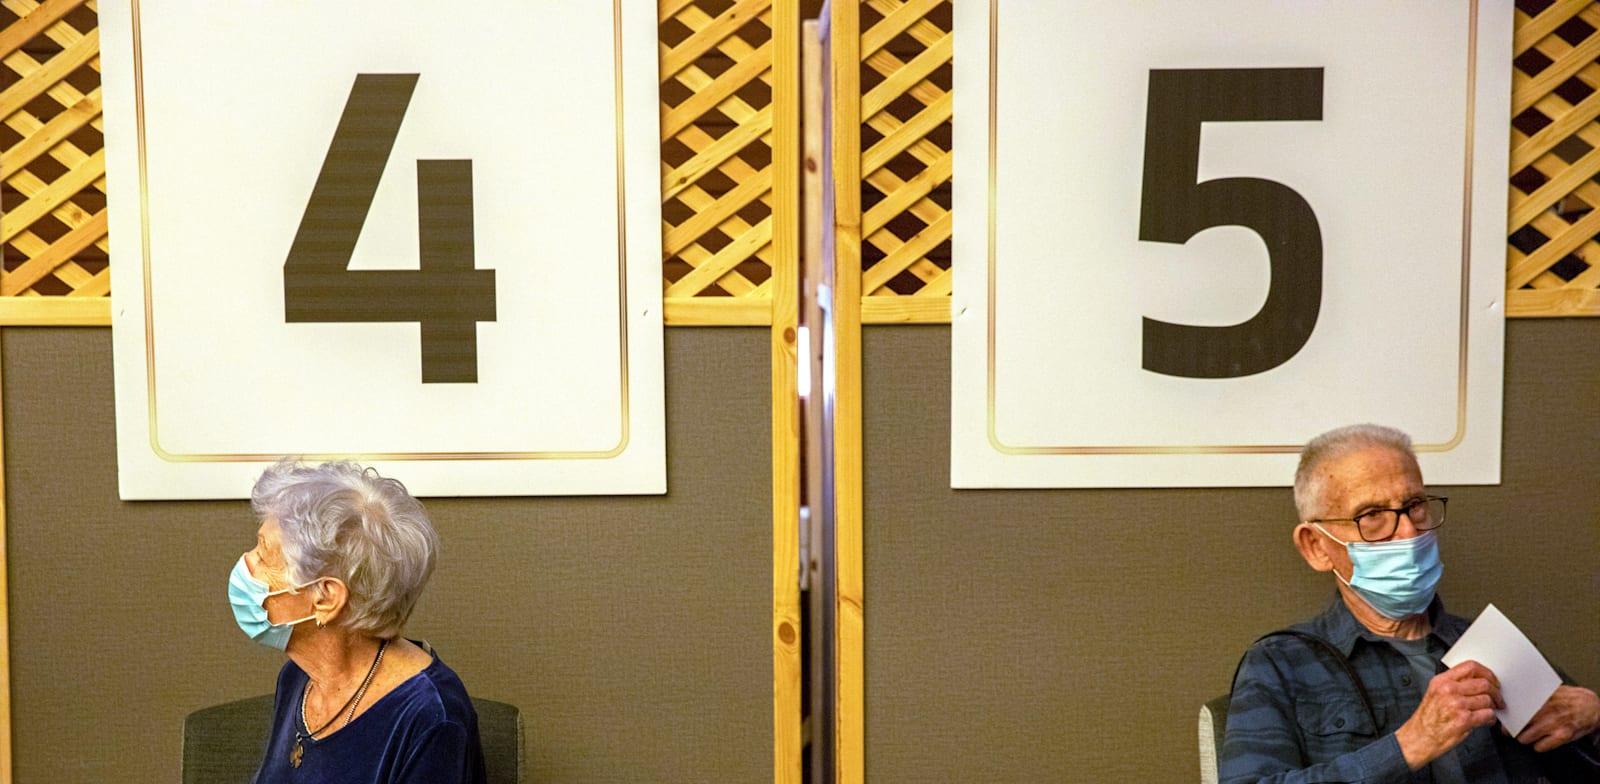 מחכים בתור להתחסן בבית אבות בגני תקווה / צילום: Associated Press, Ariel Schalit